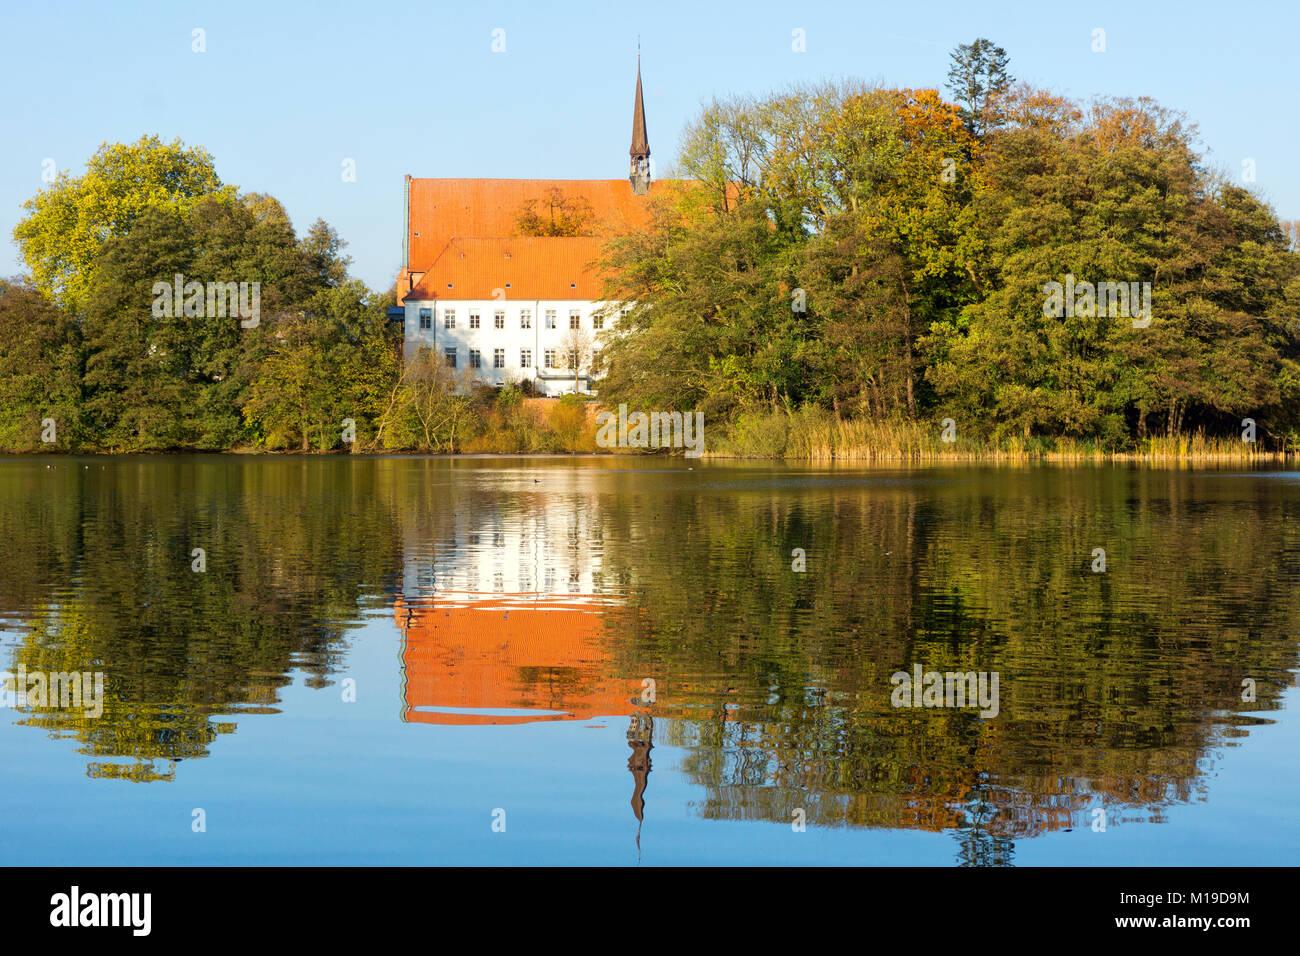 Klosterkirche in Bordesholm, Schleswig-Holstein, Deutschland - Stock Image